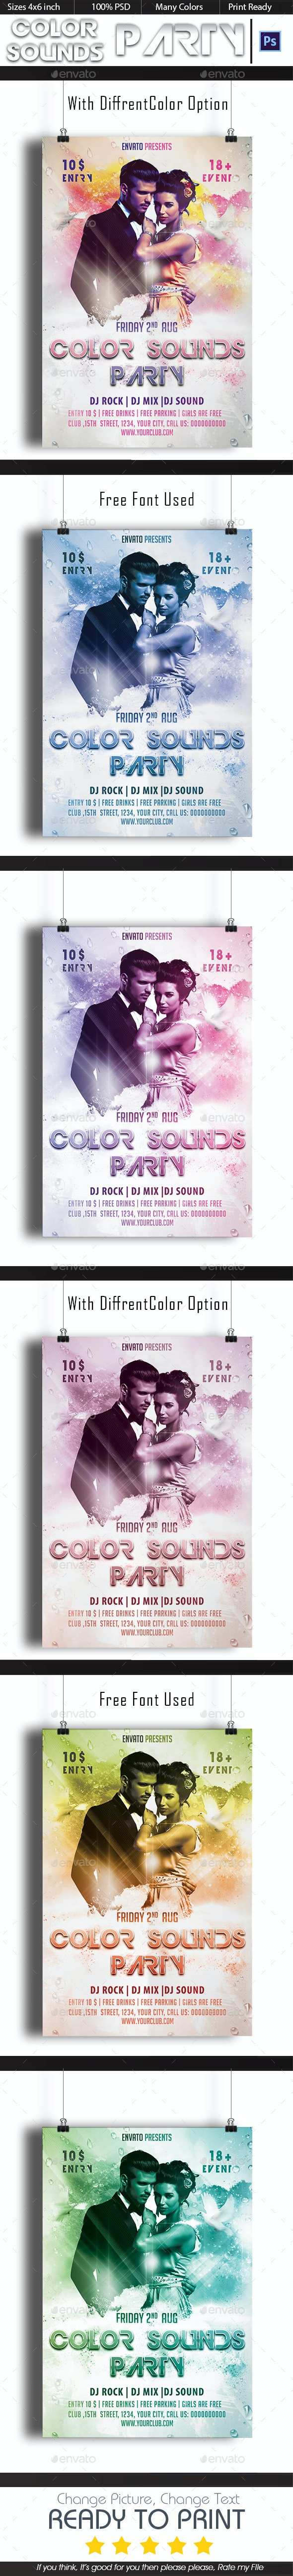 Color Sounds Party Flyer Vol-1 - Clubs & Parties Events